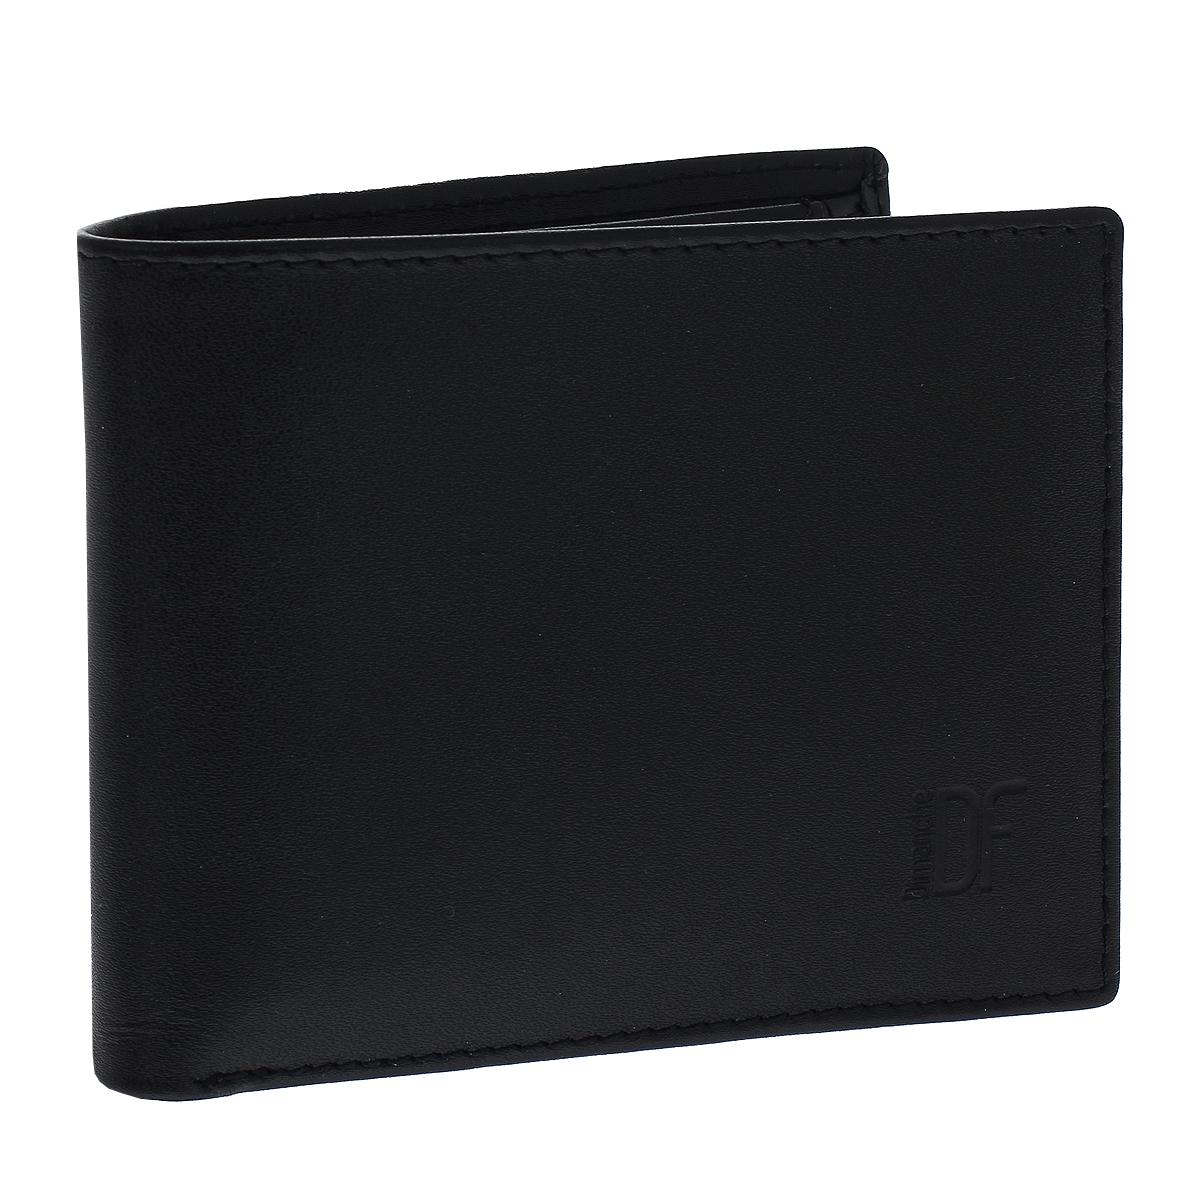 Портмоне мужское Dimanche Bond, цвет: черный. 965965Портмоне Dimanche Bond изготовлено из натуральной кожи черного цвета. Внутри содержится 2 отделения для купюр, 5 карманов для кредитных карт, 2 потайных кармашка для мелких бумаг, кармашек для сим-карты и объемный карман для мелочи, который закрывается клапаном на кнопку. Внутри кошелек отделан атласным полиэстером черного цвета с узором. Стильное портмоне отлично дополнит ваш образ и станет незаменимым аксессуаром на каждый день. Упаковано в фирменную картонную коробку коричневого цвета. Характеристики: Материал: натуральная кожа, полиэстер, металл. Цвет: черный. Размер портмоне (ДхШхВ): 11 см х 9 см х 2 см.